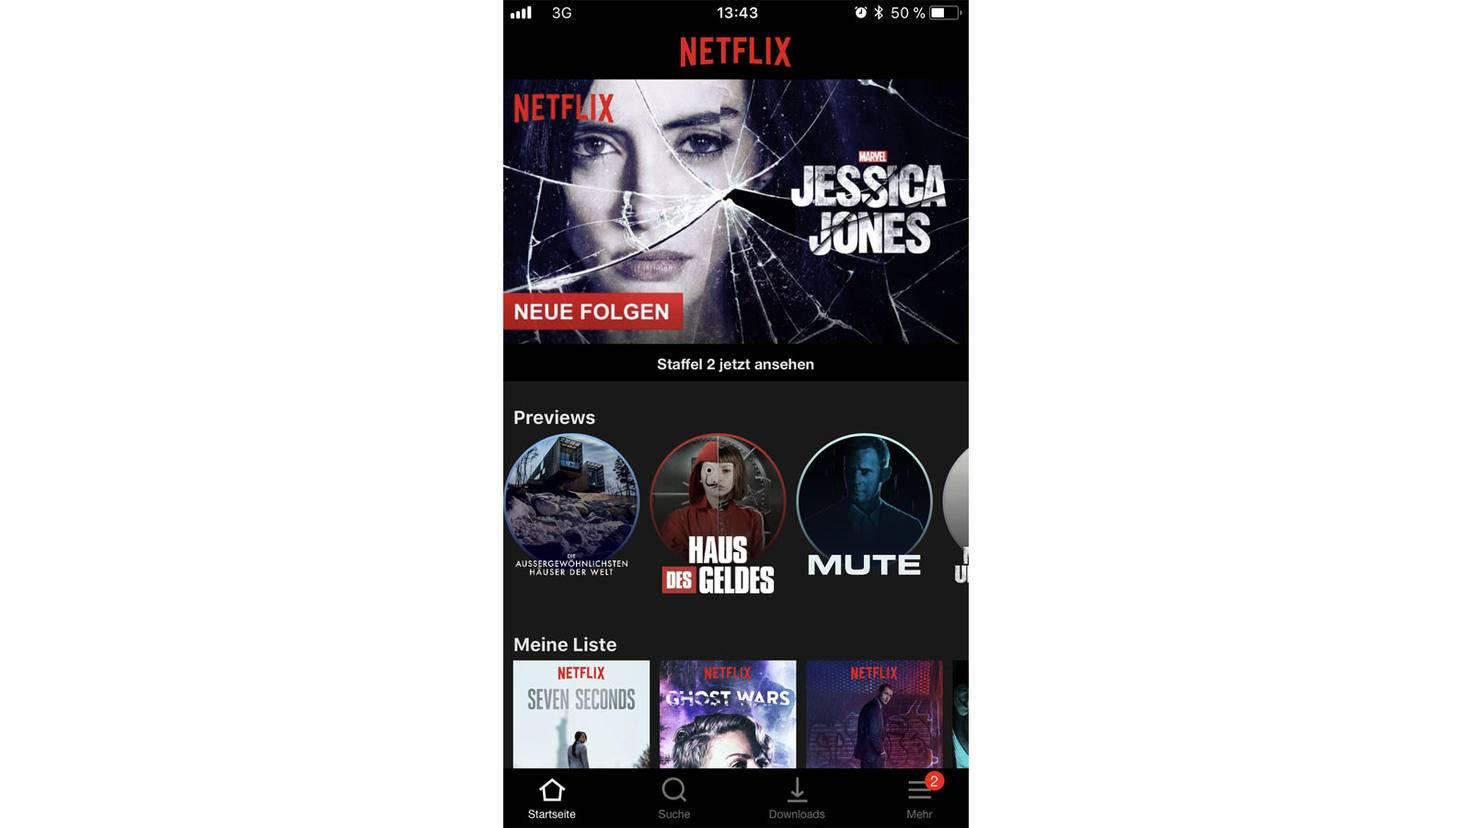 Unter dem Netflix-Highlight erscheinen künftig diese Preview-Kreise, die dem User weitere Inhalte schmackhaft machen sollen.